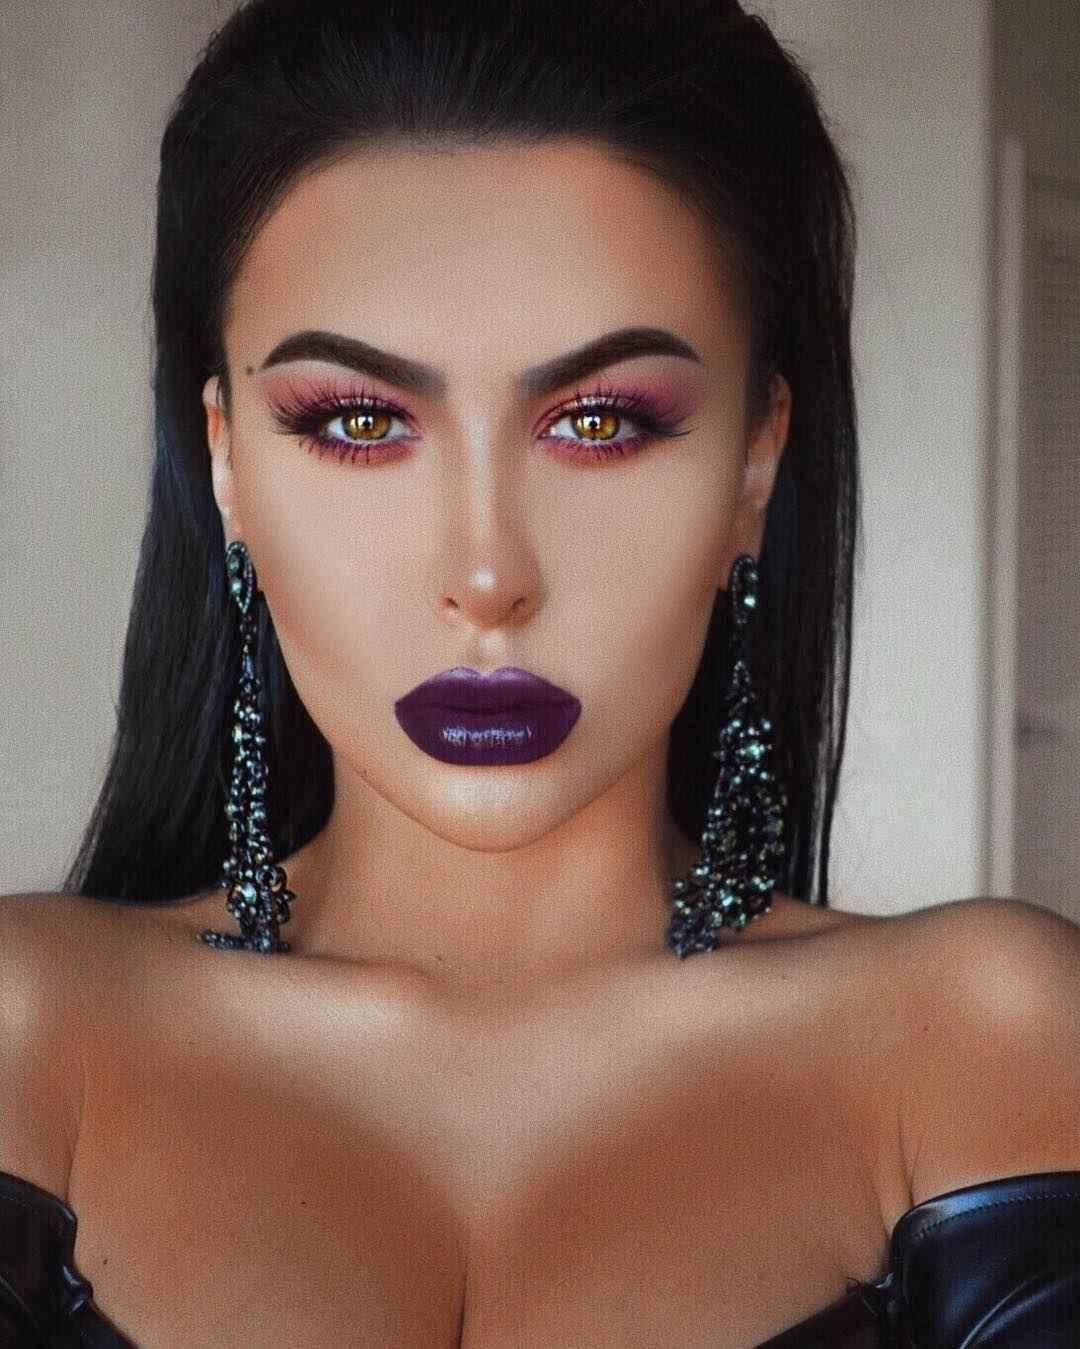 Вечерний макияж для темных волос и зеленых глаз_15